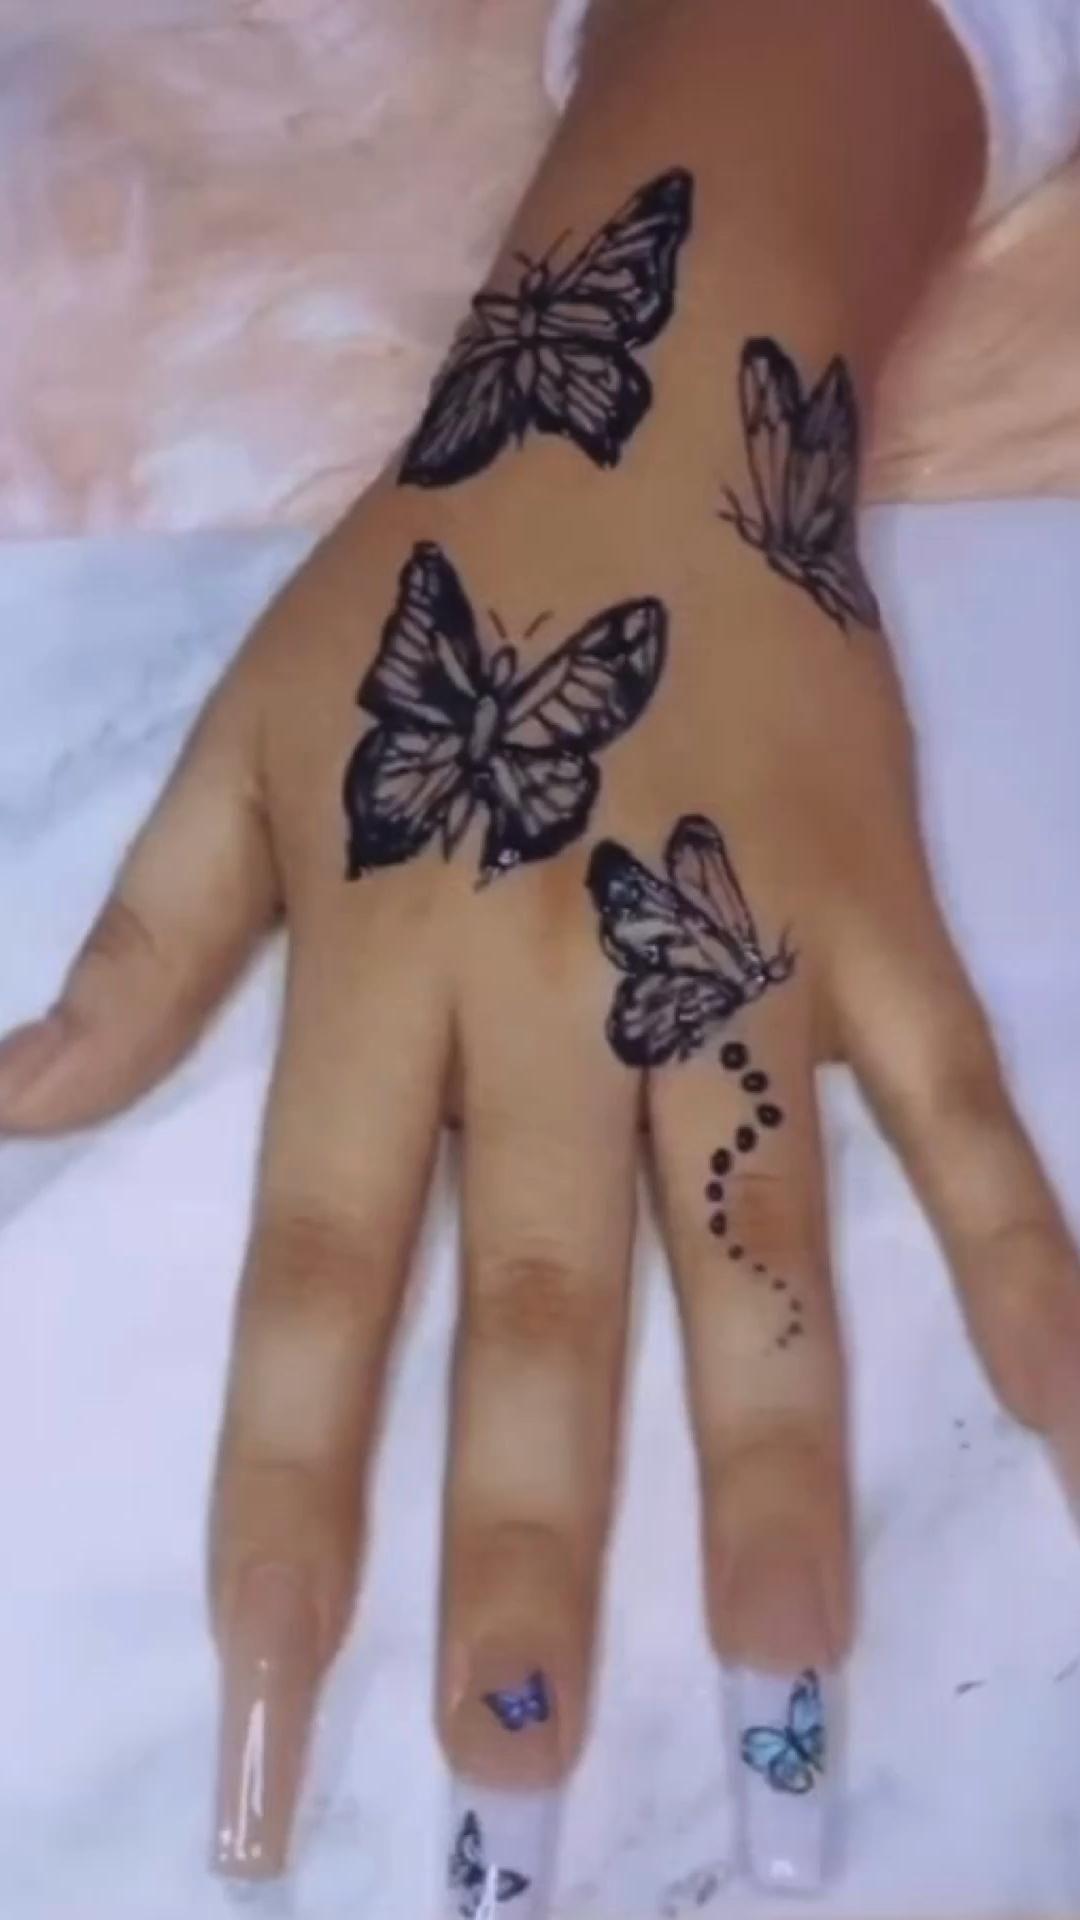 Nails & tattoo ideas <3